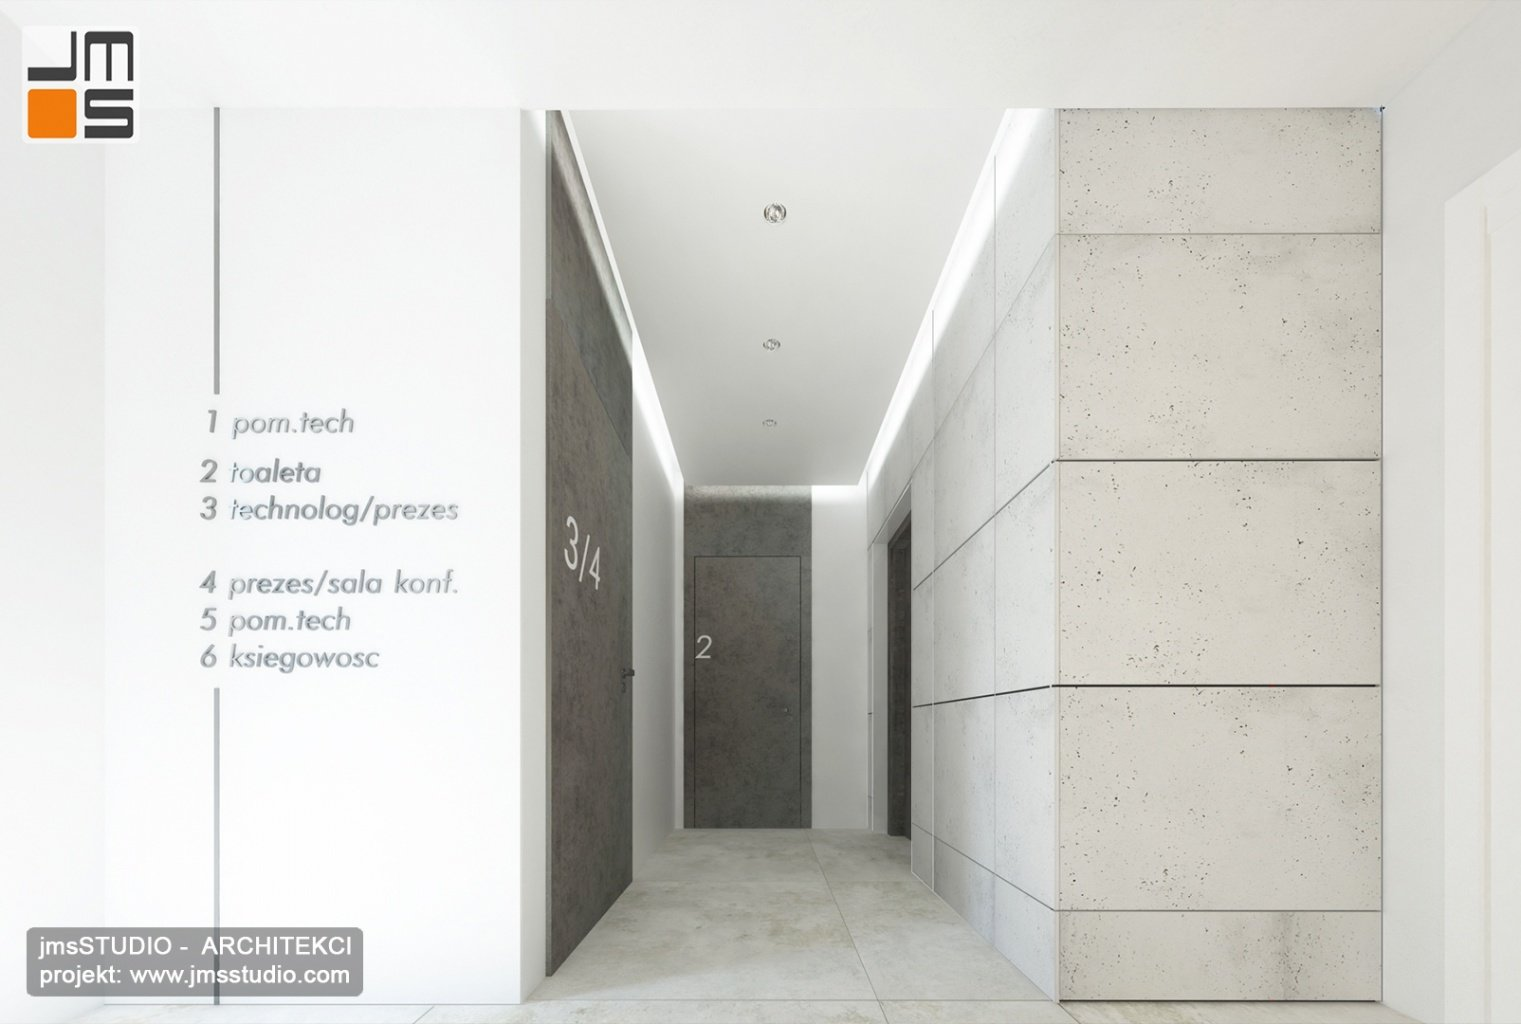 Efektowne i eleganckie wnętrza biurowe - ciekawy pomysł na aranżacje i projekt wnętrz Kraków